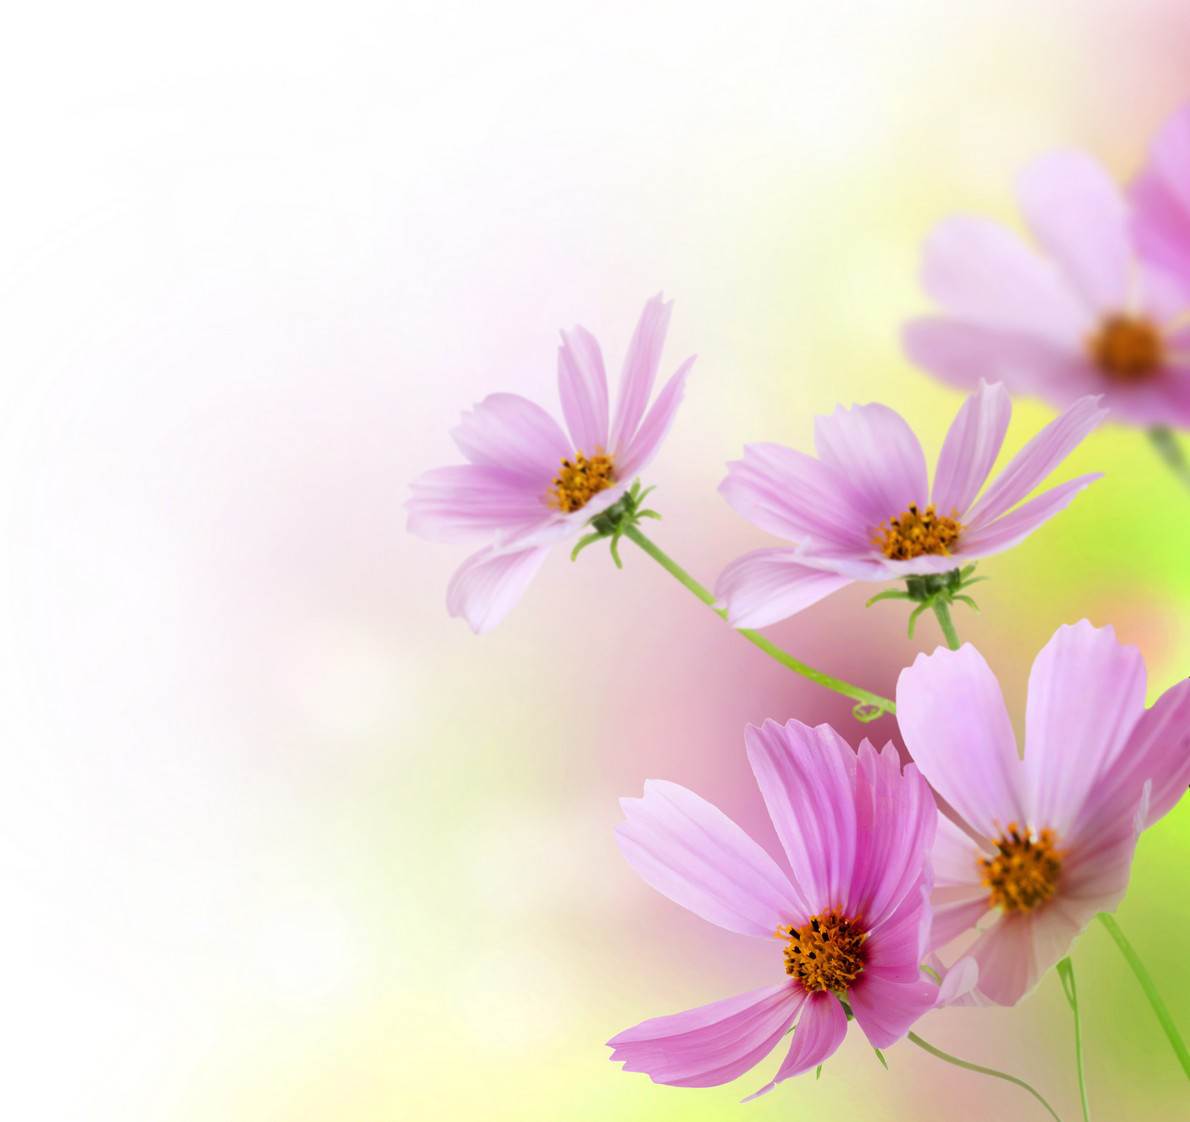 Фотообои ArtWalls Фотообои: Розовые цветы flowers00021 Глянец